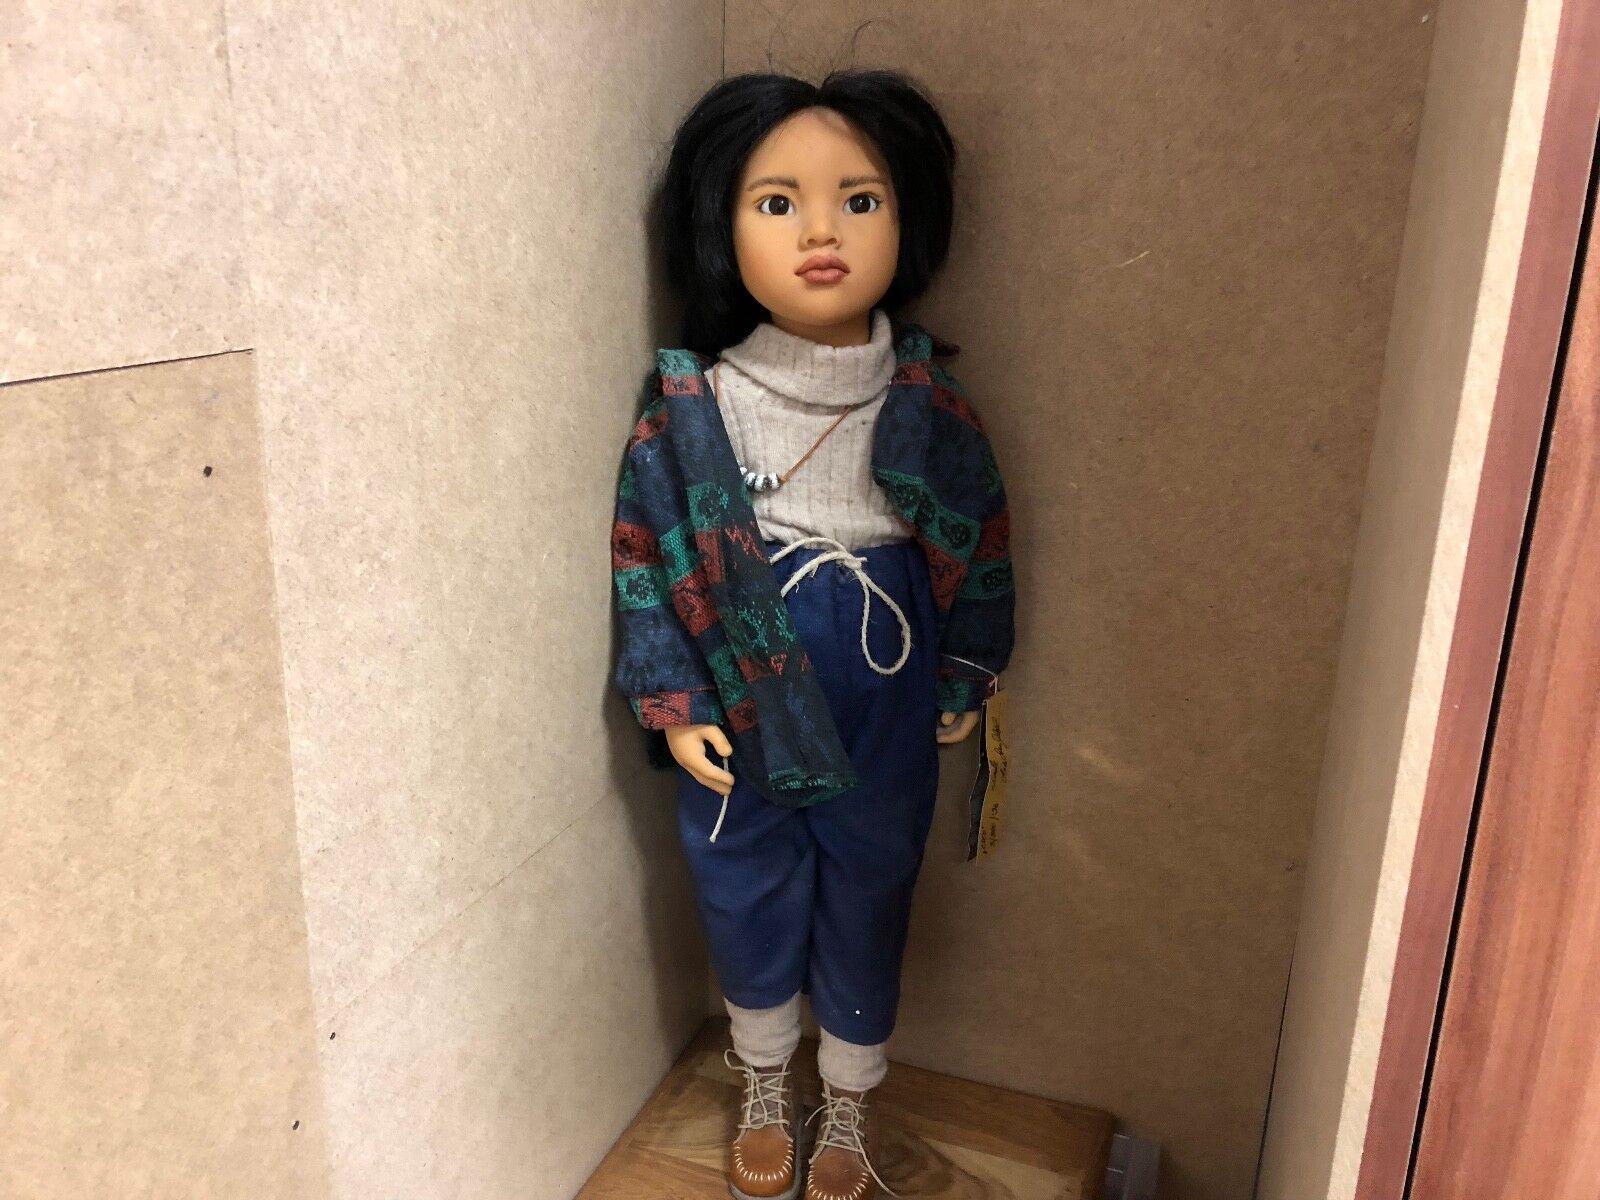 Zwergnase nicole marschollek muñeca 66 cm. top estado